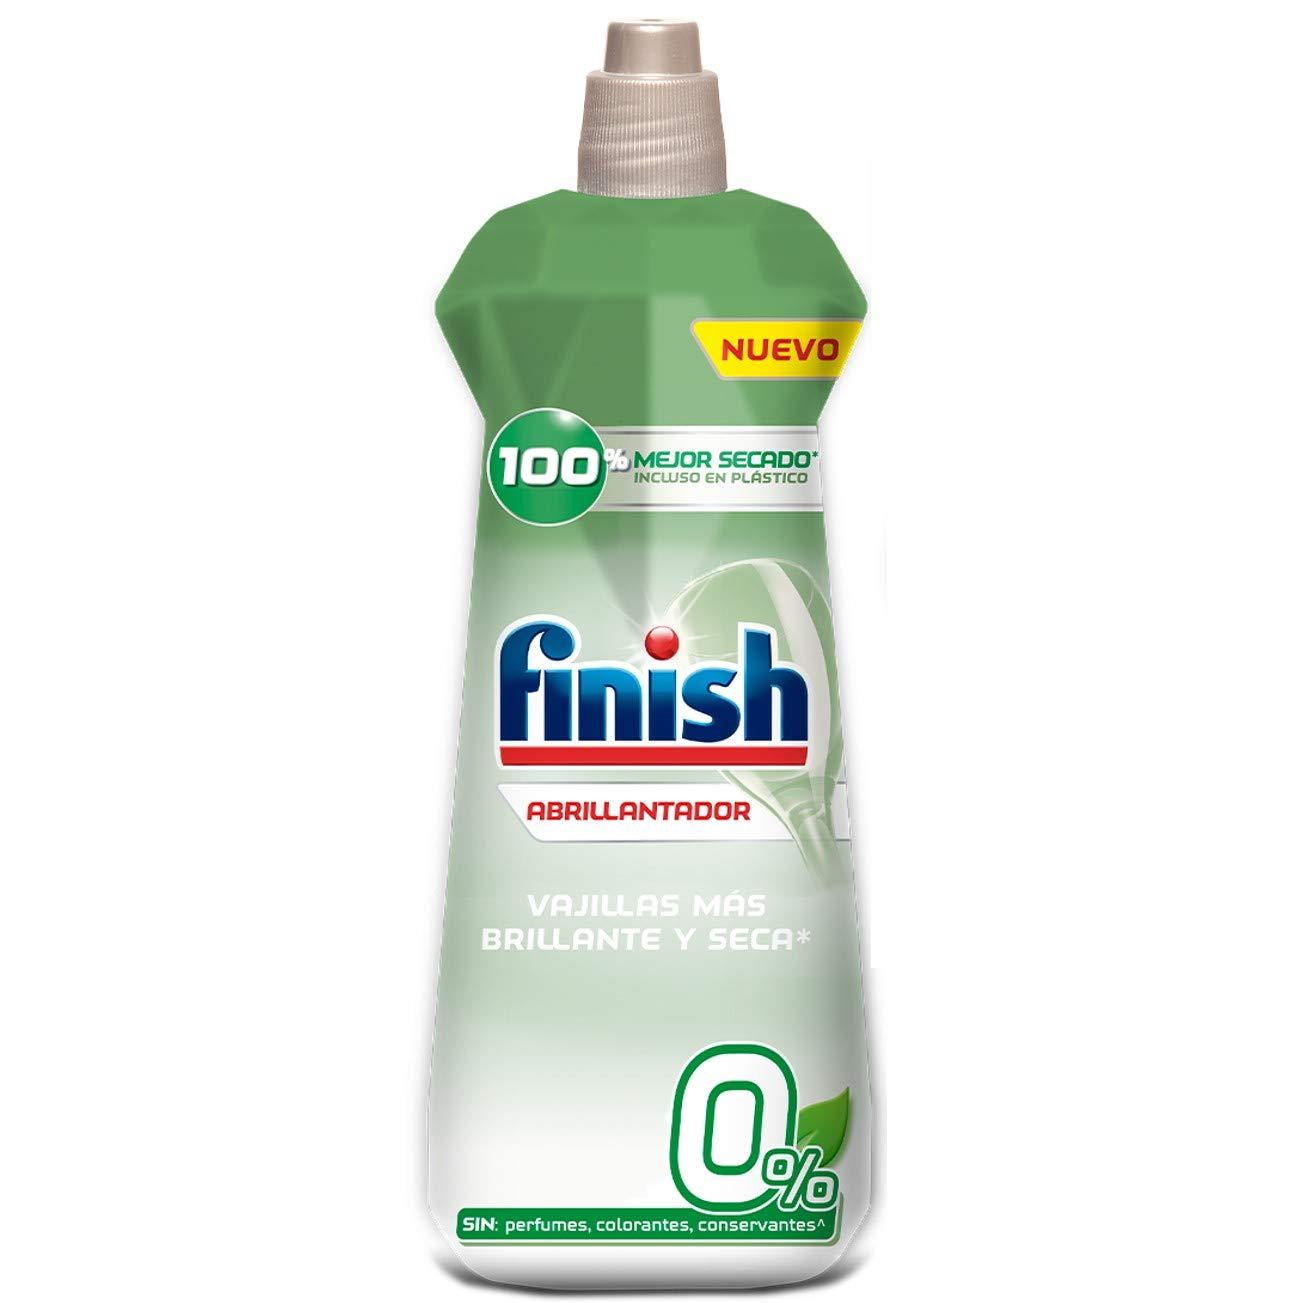 Finish 0% Abrillantador para lavavajillas - formato 400 ml - 100 lavados